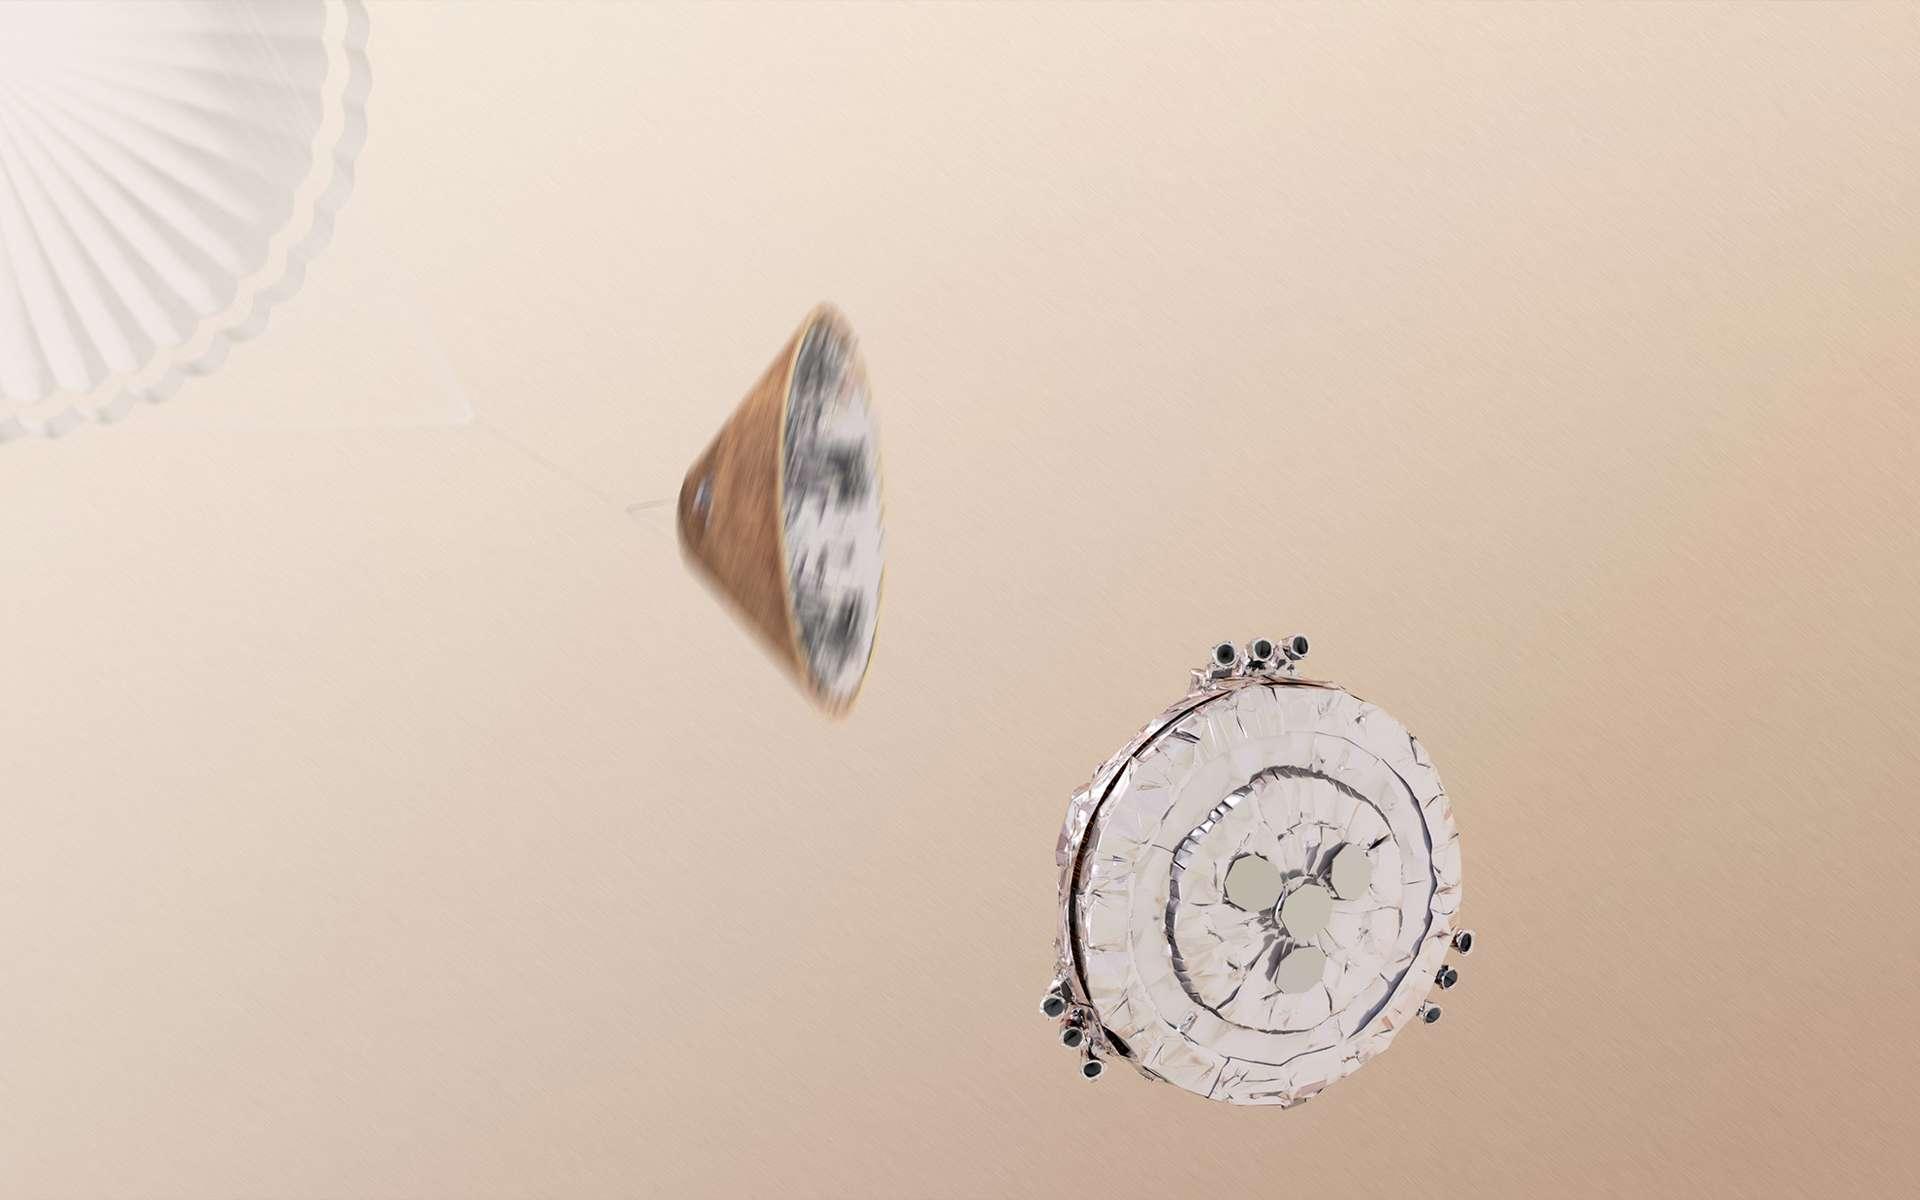 Sur les trois démonstrations prévues, Schiaparelli a raté l'atterrissage. Les phases d'entrée et de descente ont quant à elles été démontrées. © ESA, ATG medialab